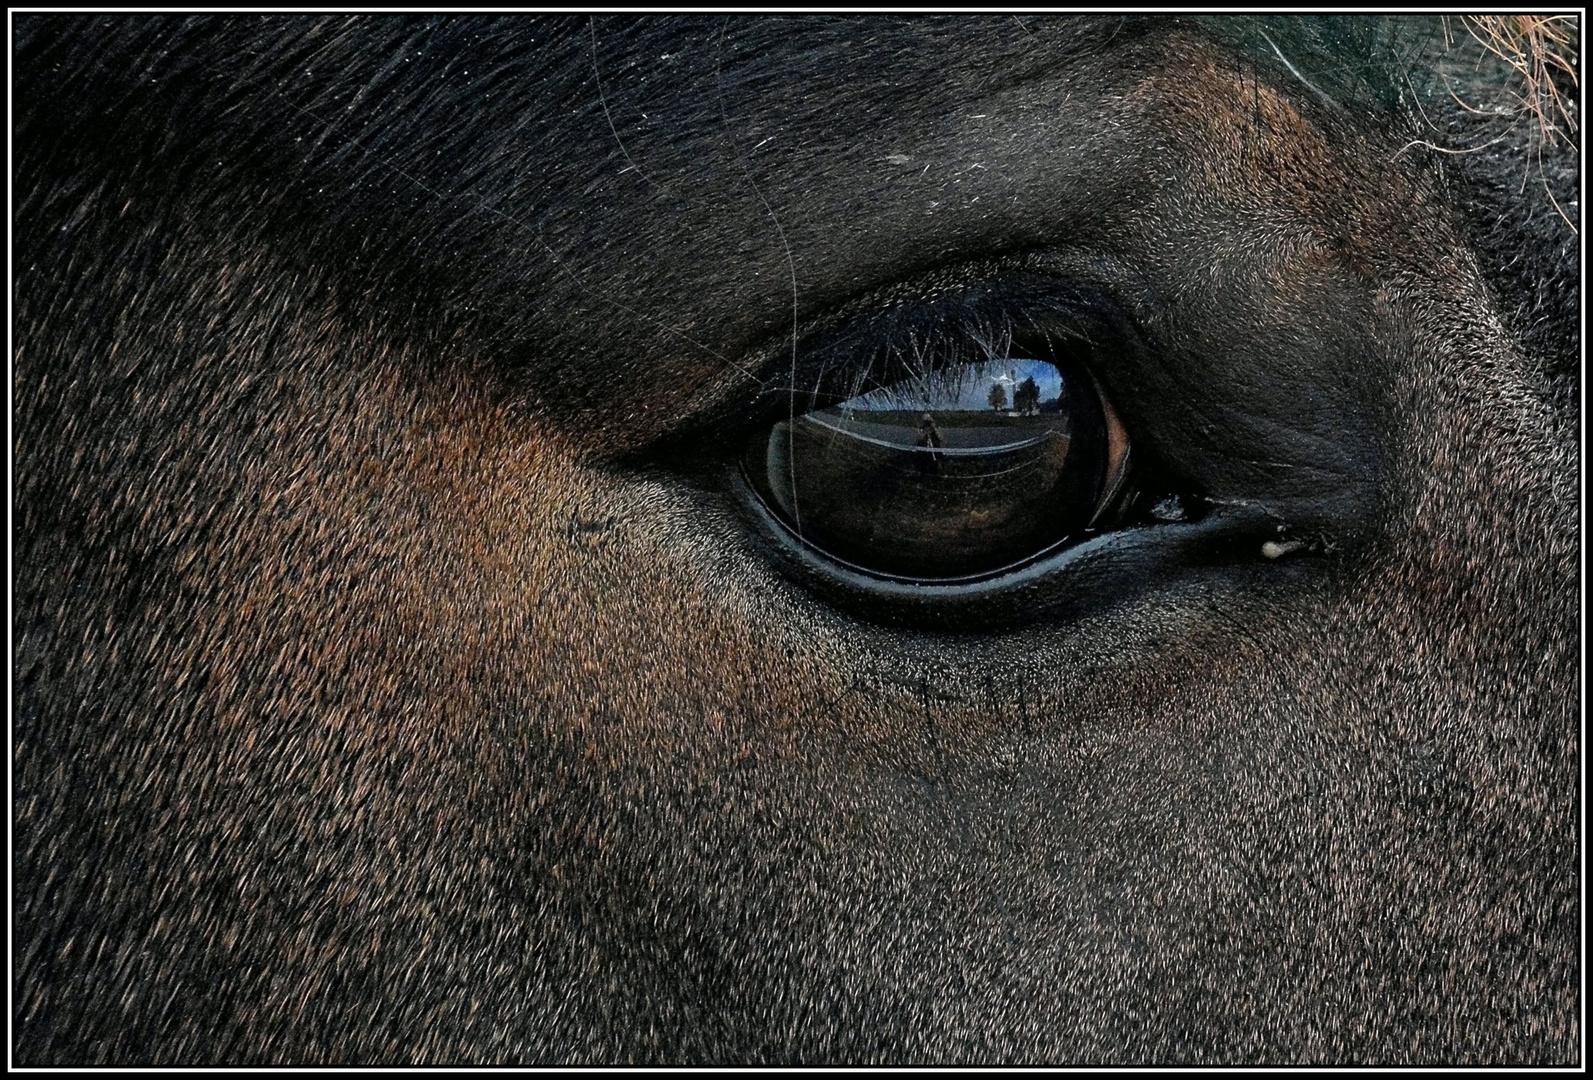 Im Auge des Pferdes ...